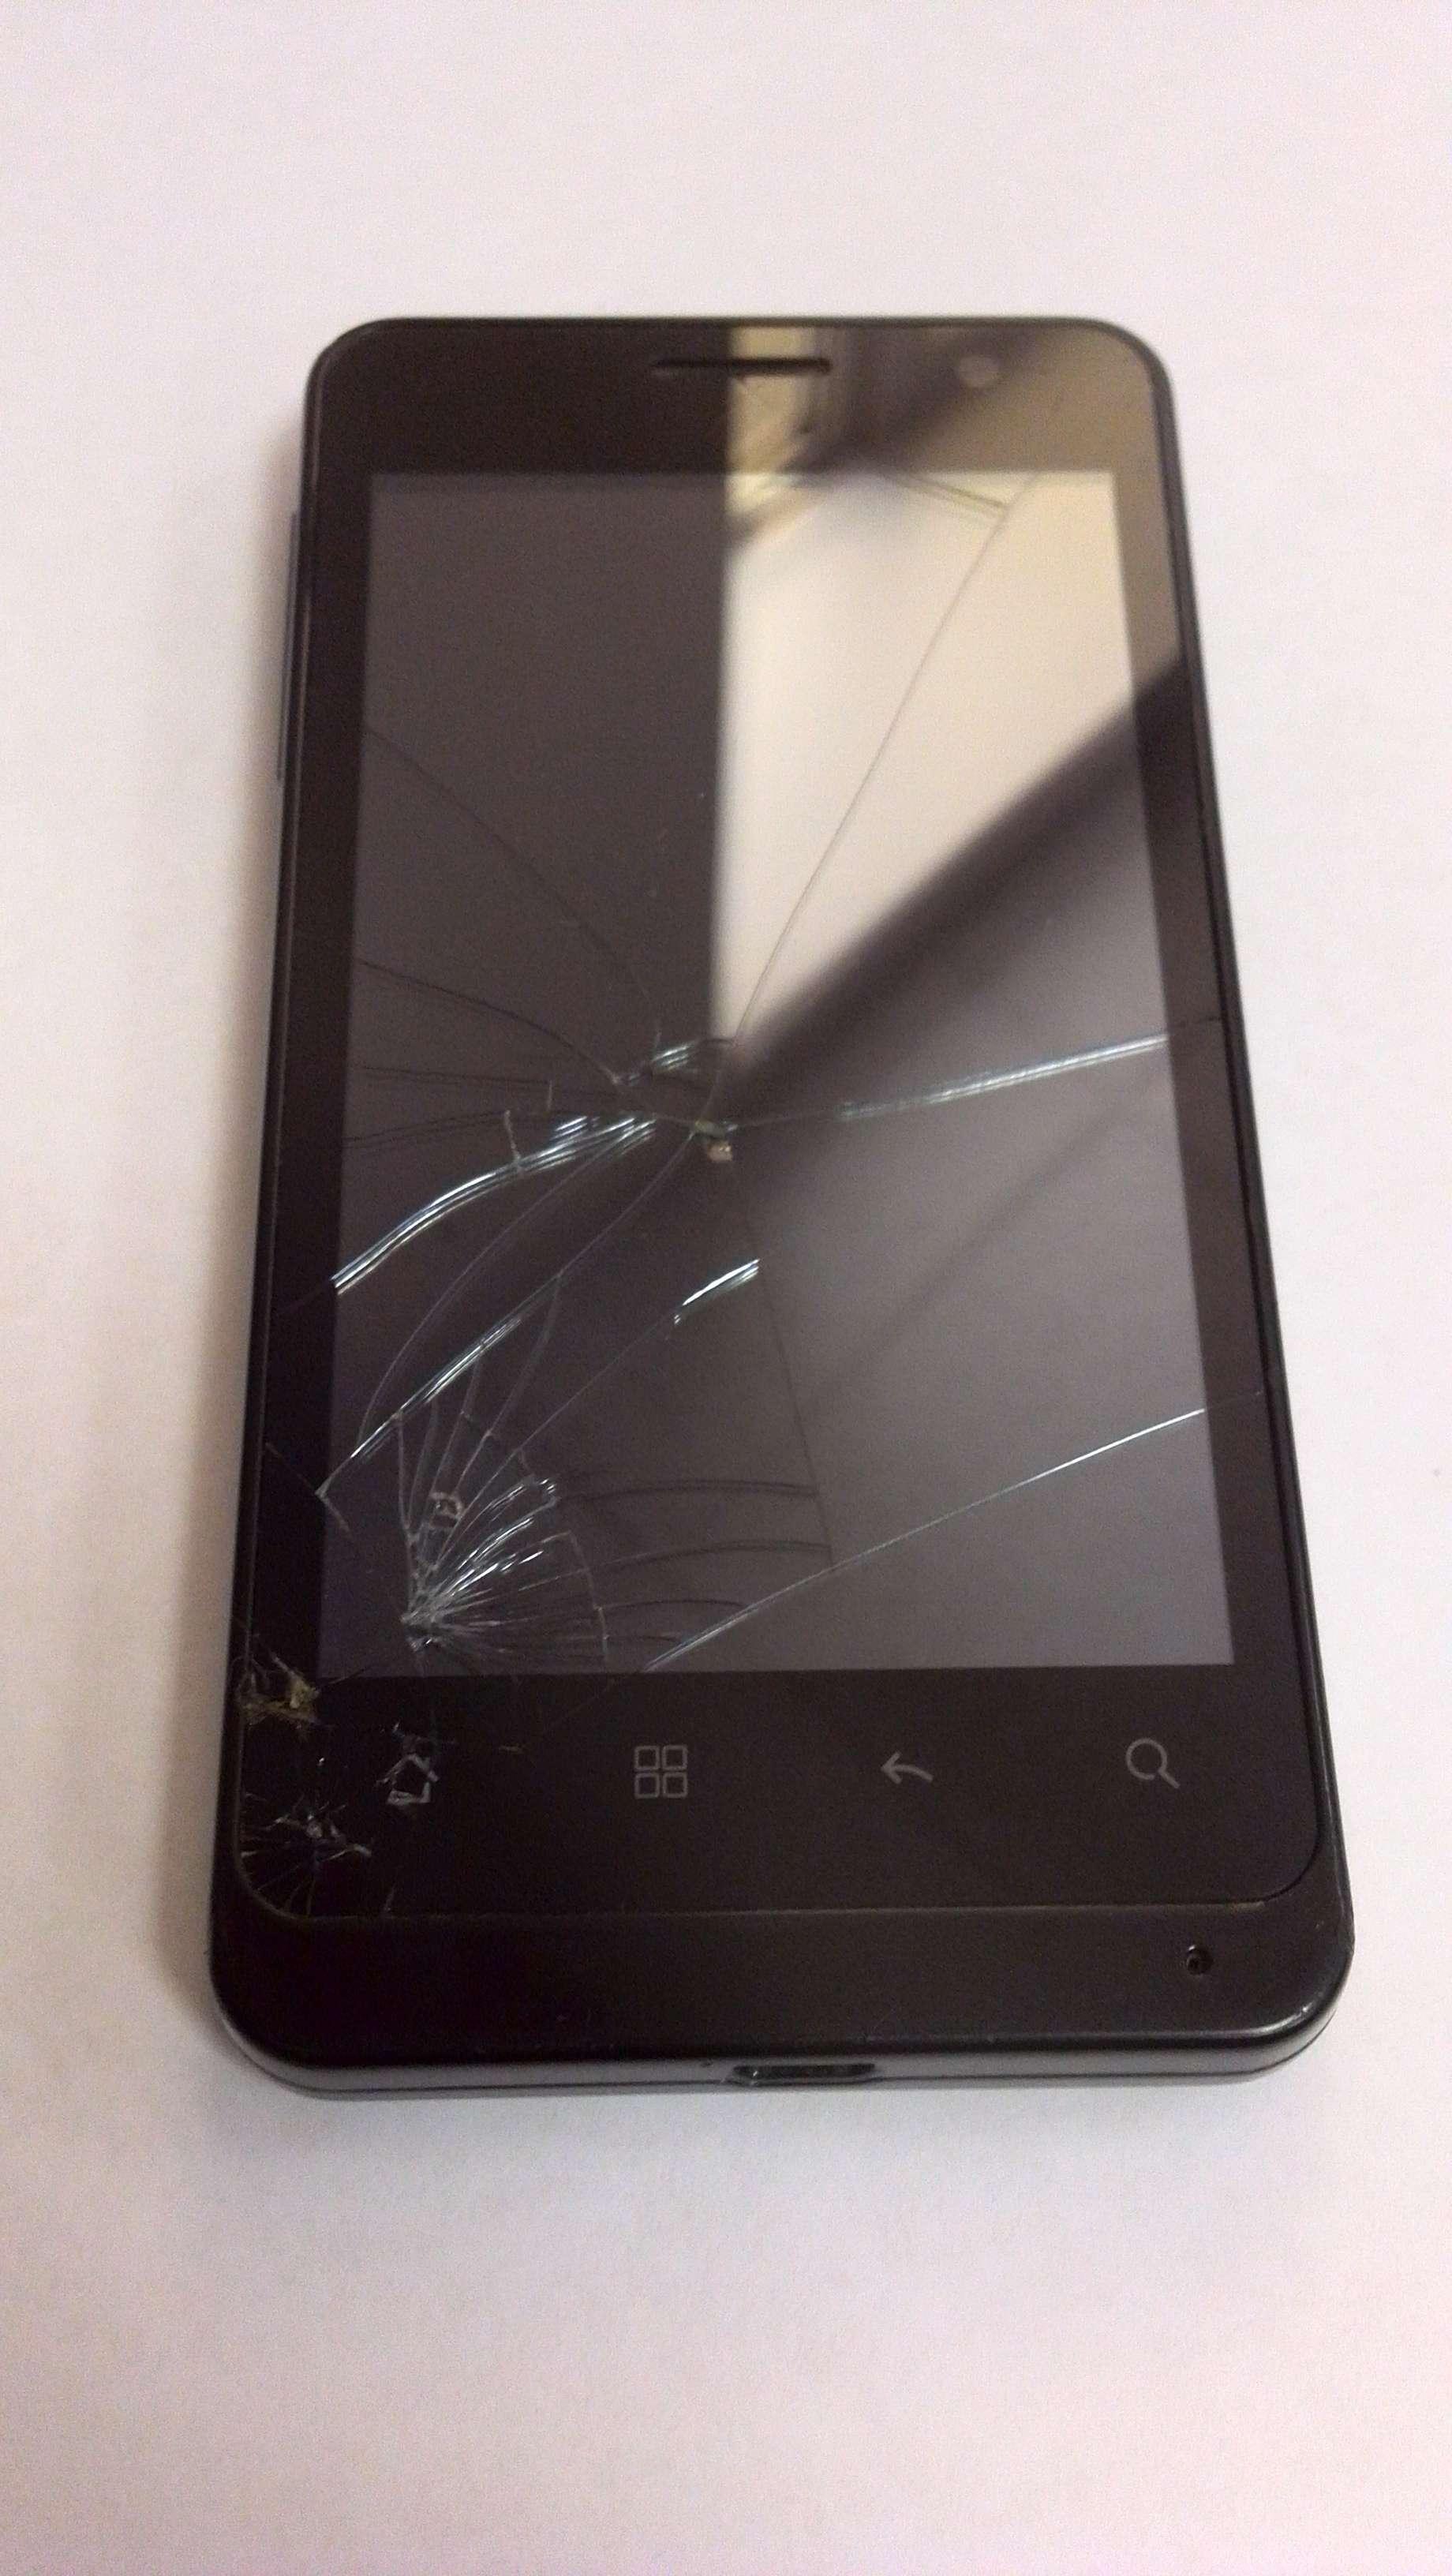 Highscreen Alpha Gt Rev B Обновить Андроид До 4.1